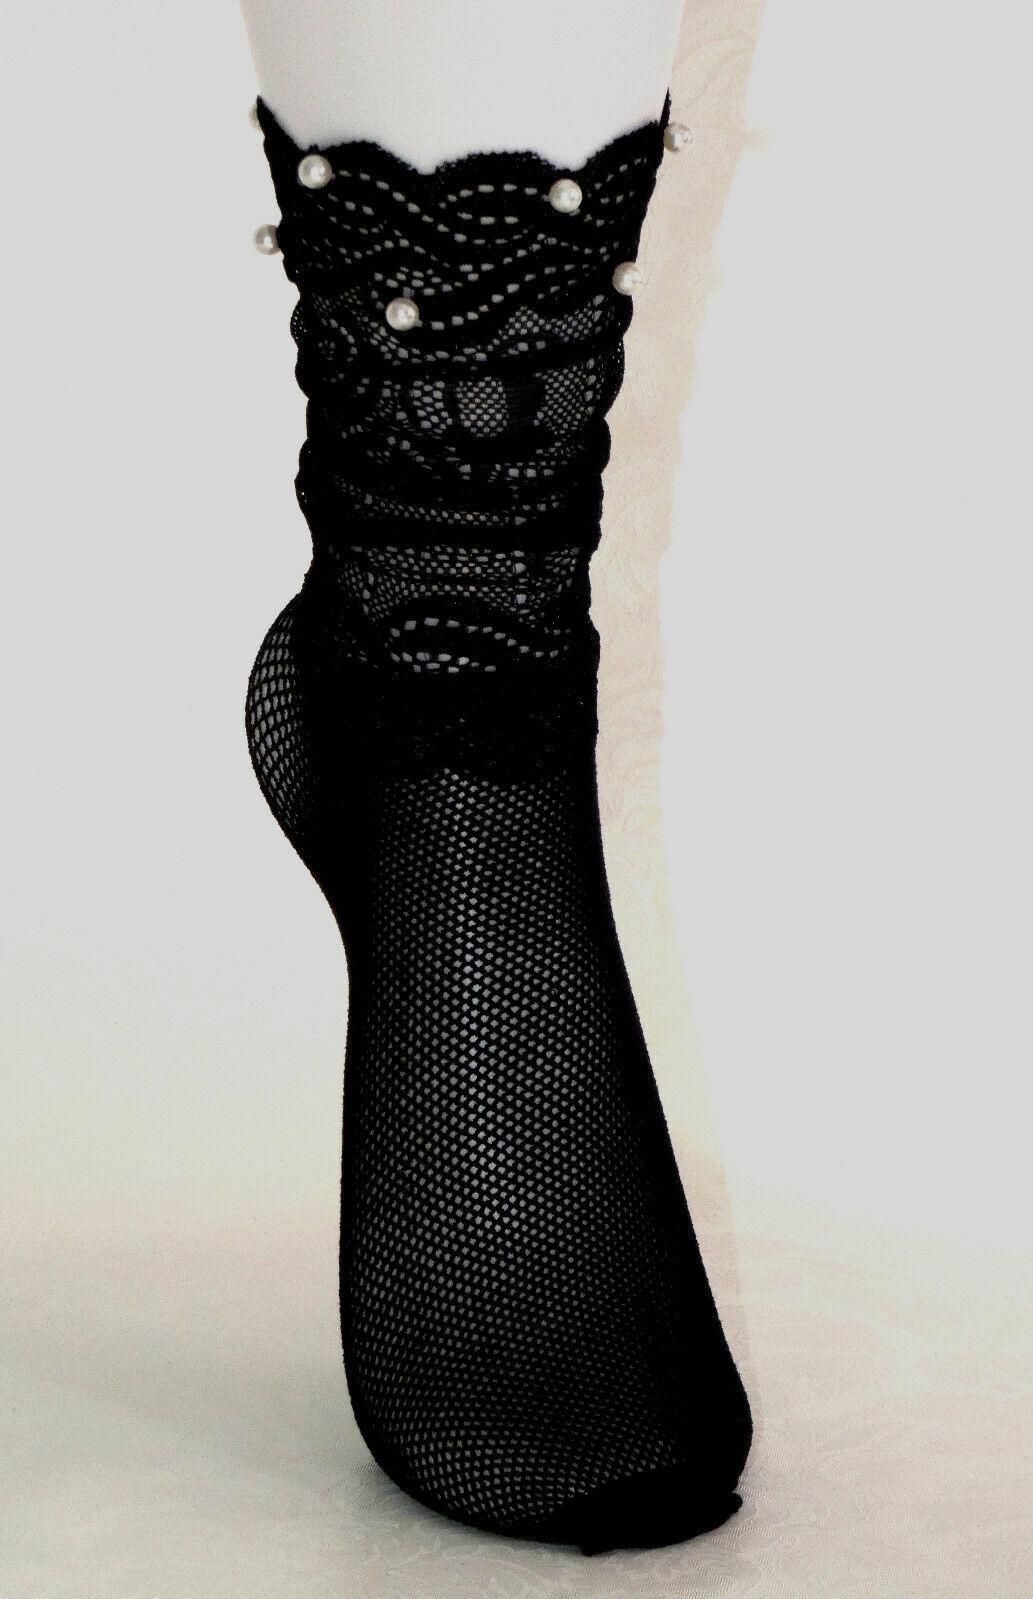 Netz Strumpfe Socken Füsslinge Neztstrümpfe Fischnetz Schleife mit Perle Spitze